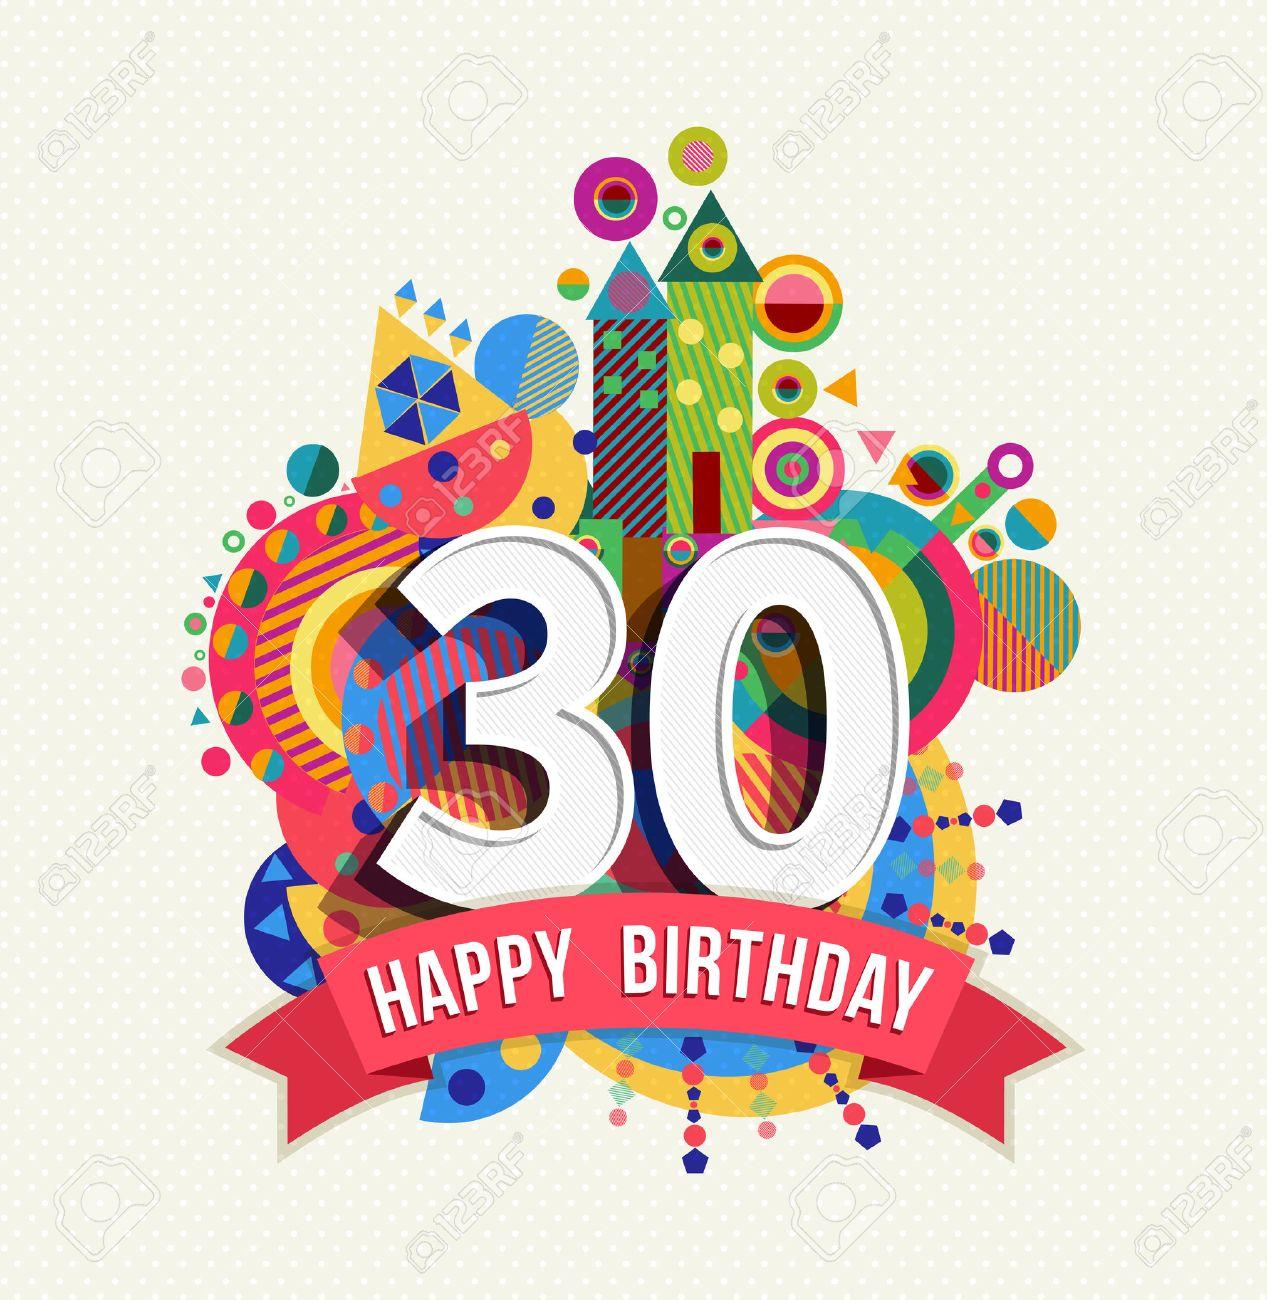 Ben noto Auguri Buon Compleanno 30 Anni Divertenti | Monroeknows VV72